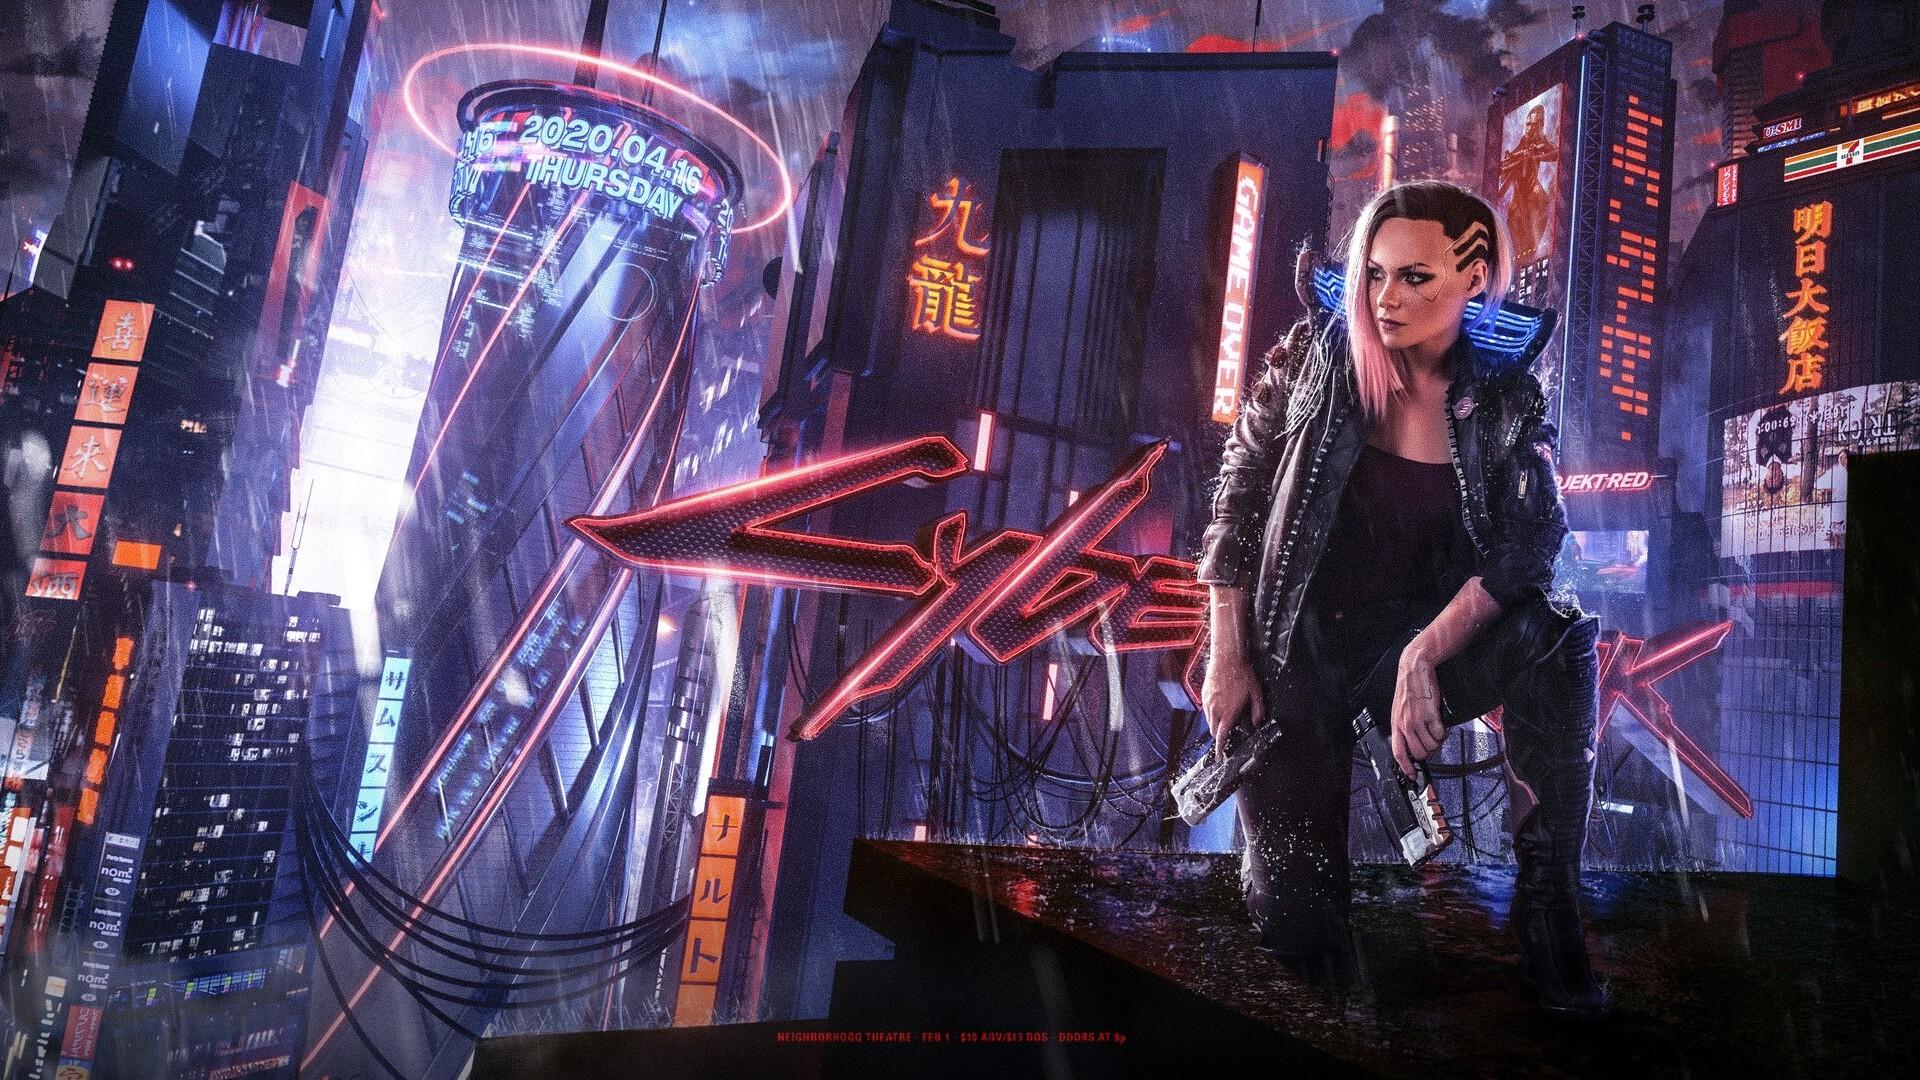 Cyberpunk 2077 Poster HD Wallpaper